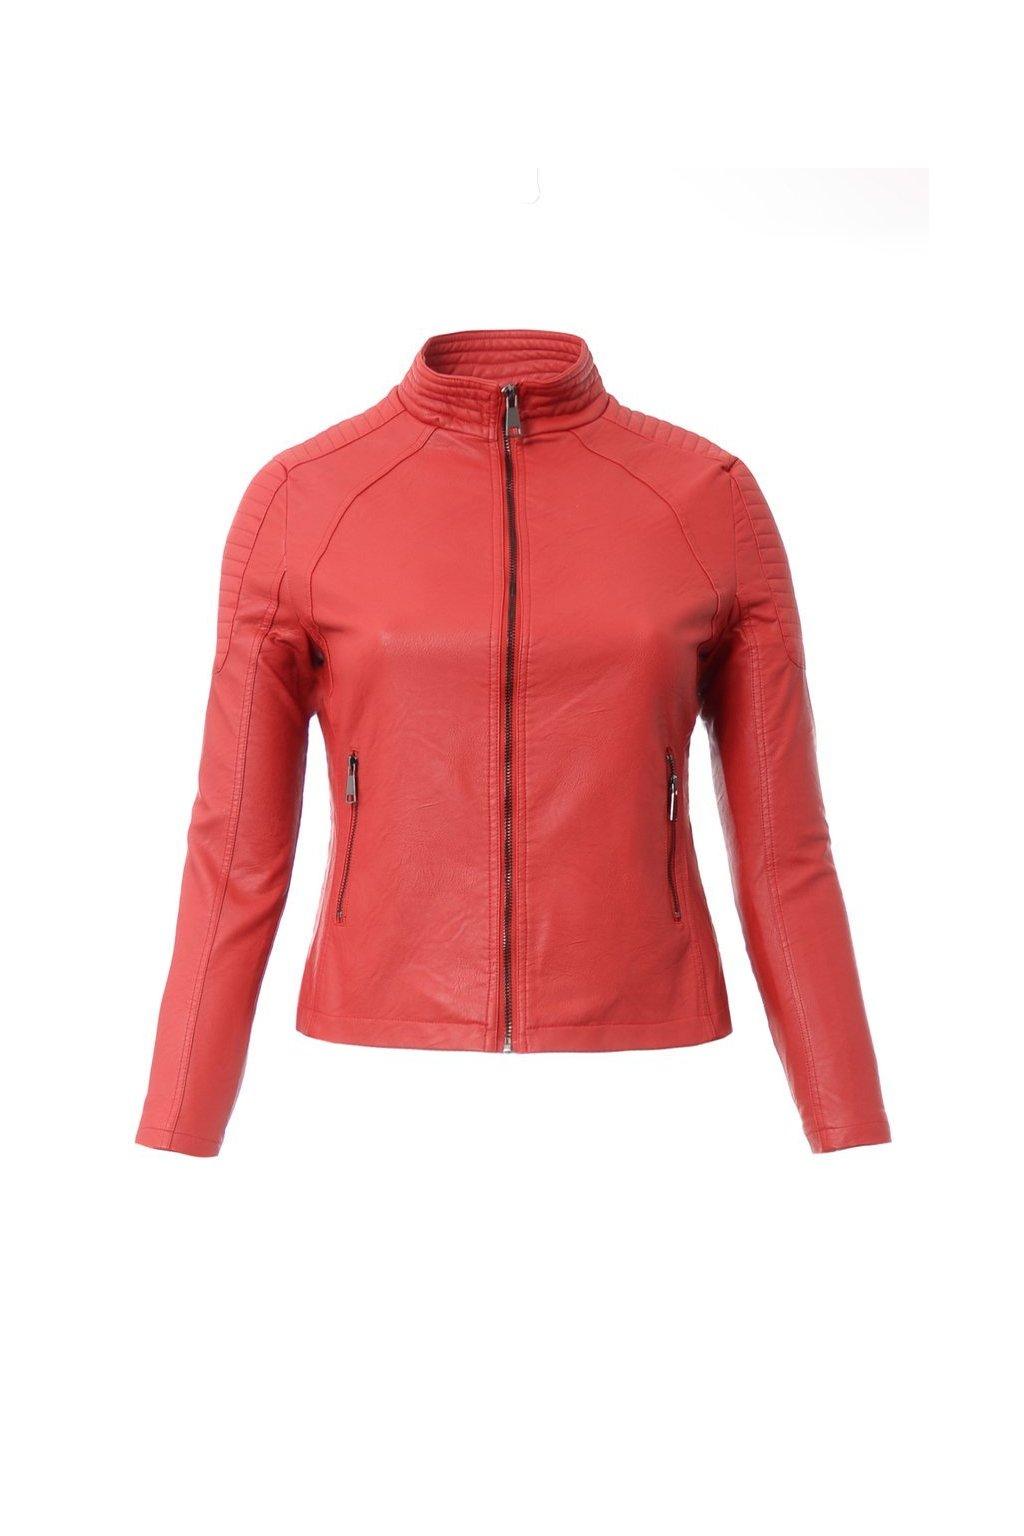 Dámska kožená bunda 4022 červená